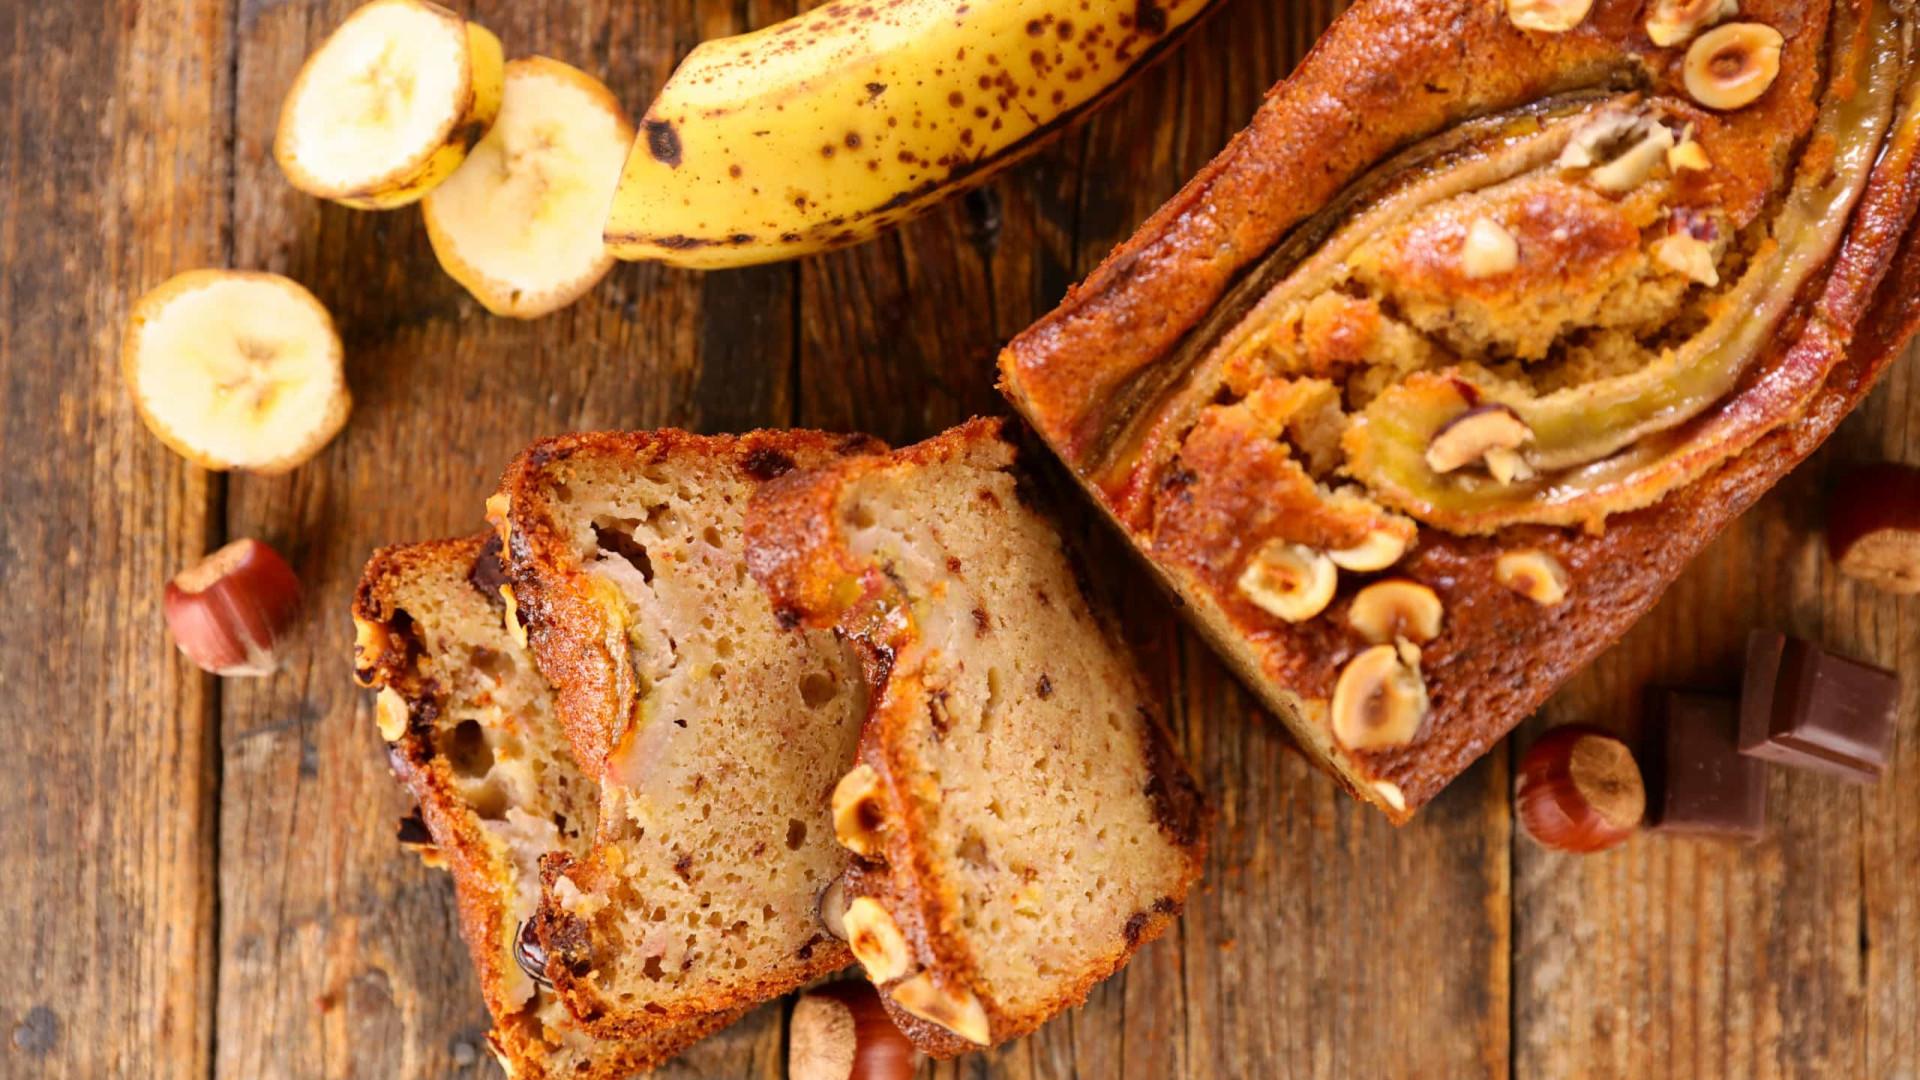 Pão de banana, aveia e mel: Uma tentação muito fofa